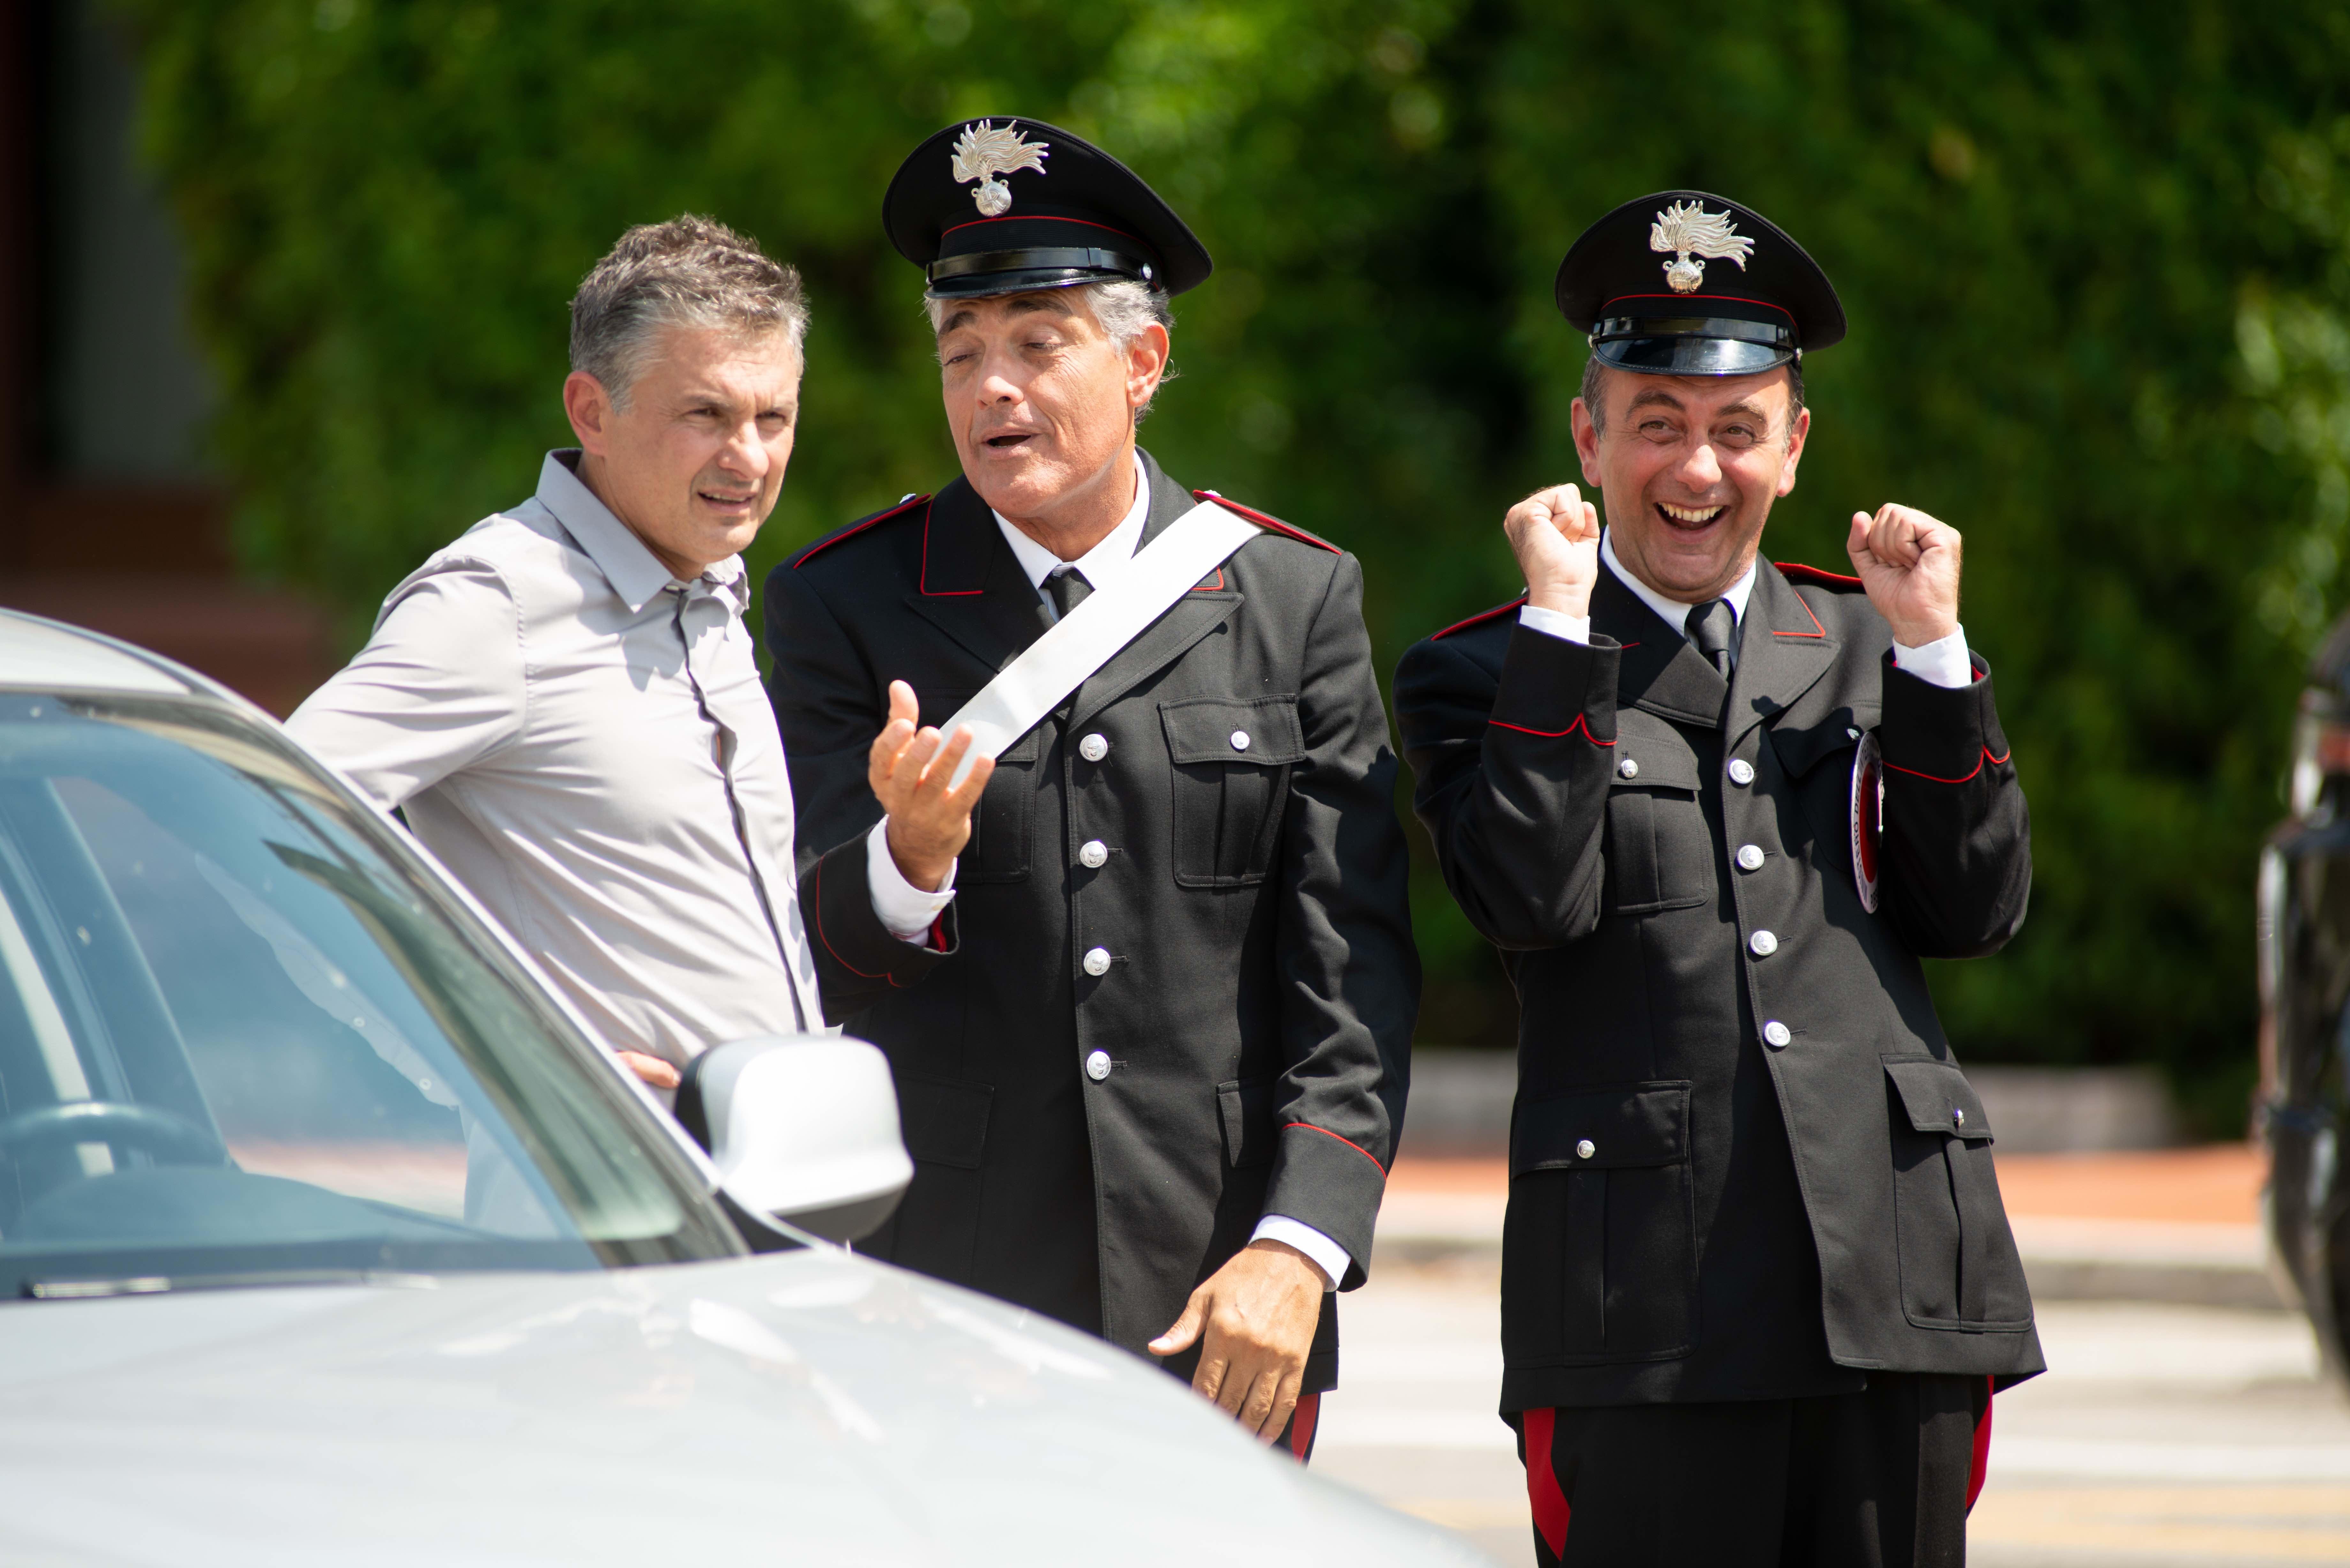 Alessandro Paci e i carabinieri in Non ci resta che ridere